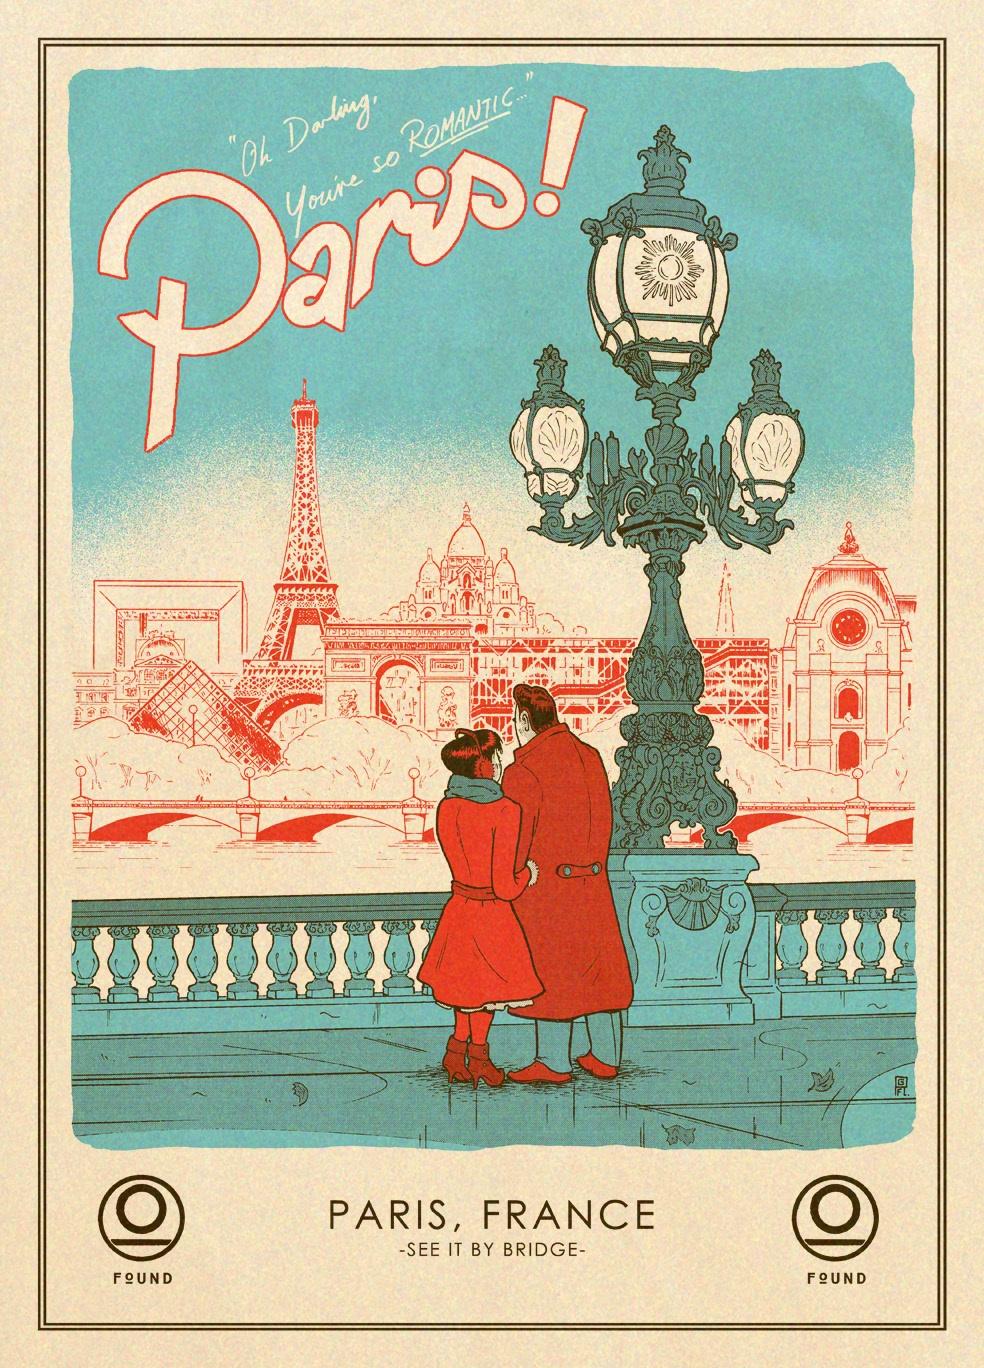 PARIS - see it by bridge stella telegraph top 50 found bath boutique designer shop vogue top 100 glamour magazine